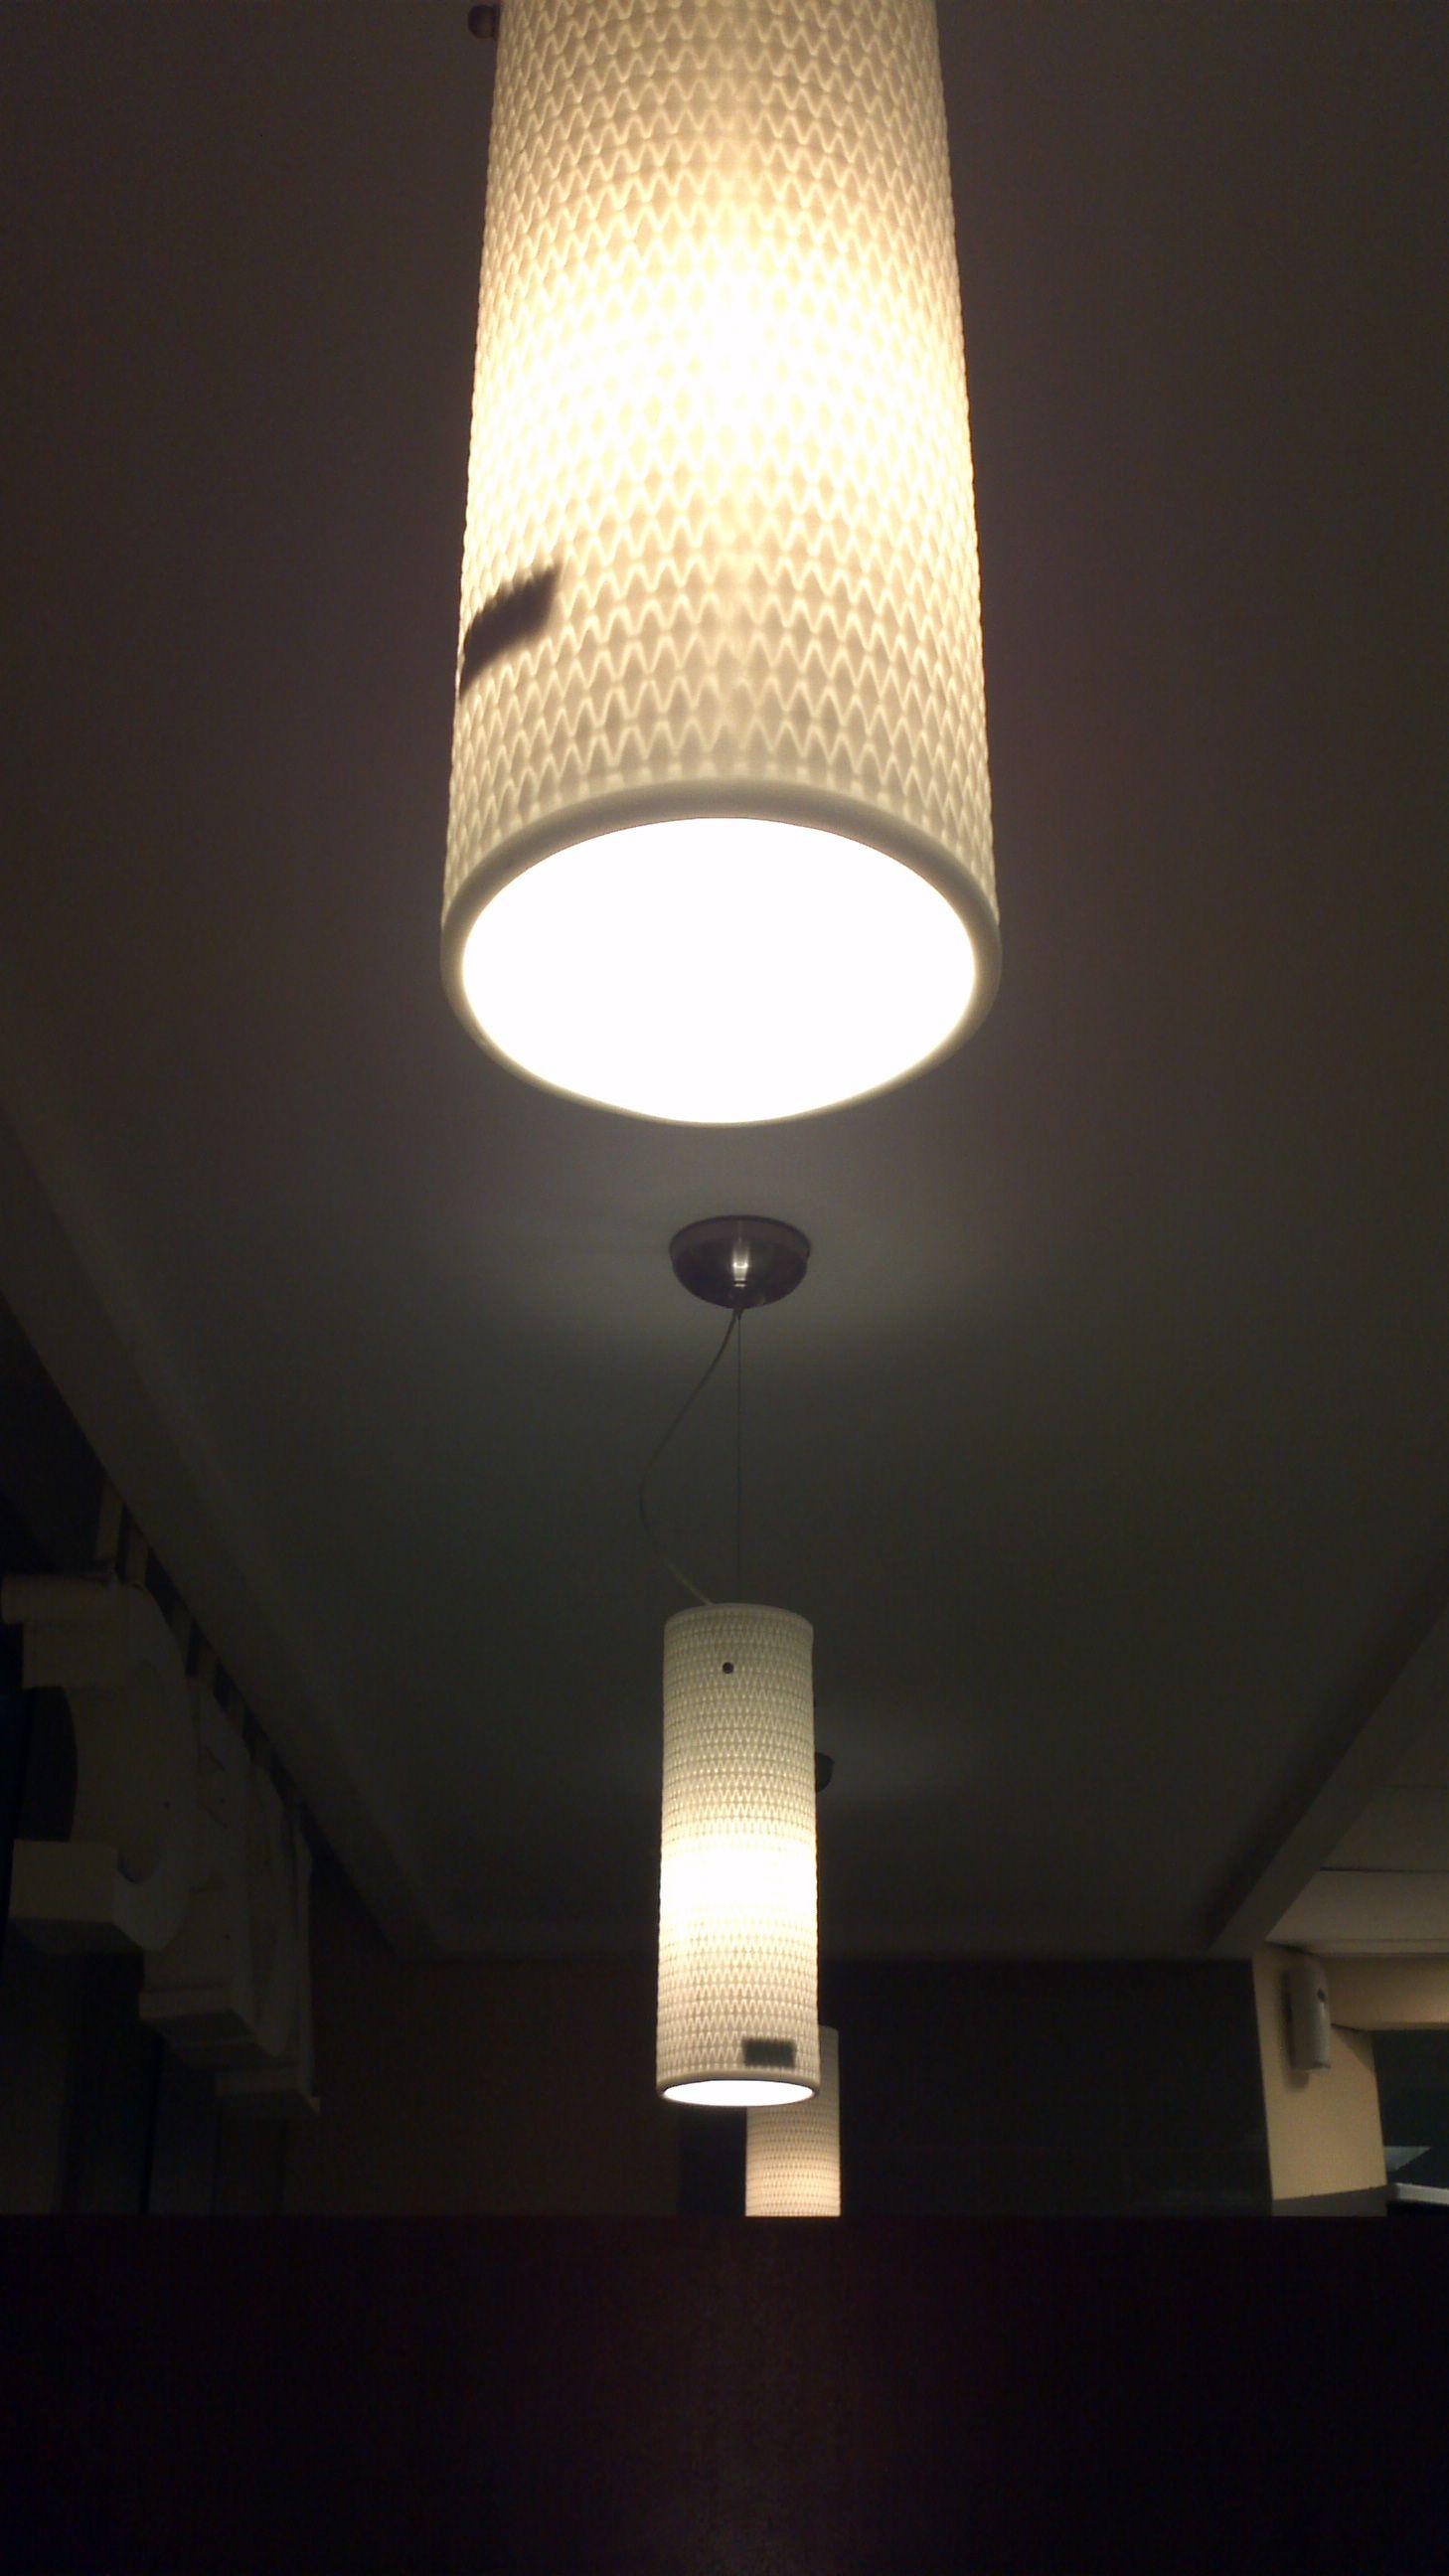 Ceiling essentials